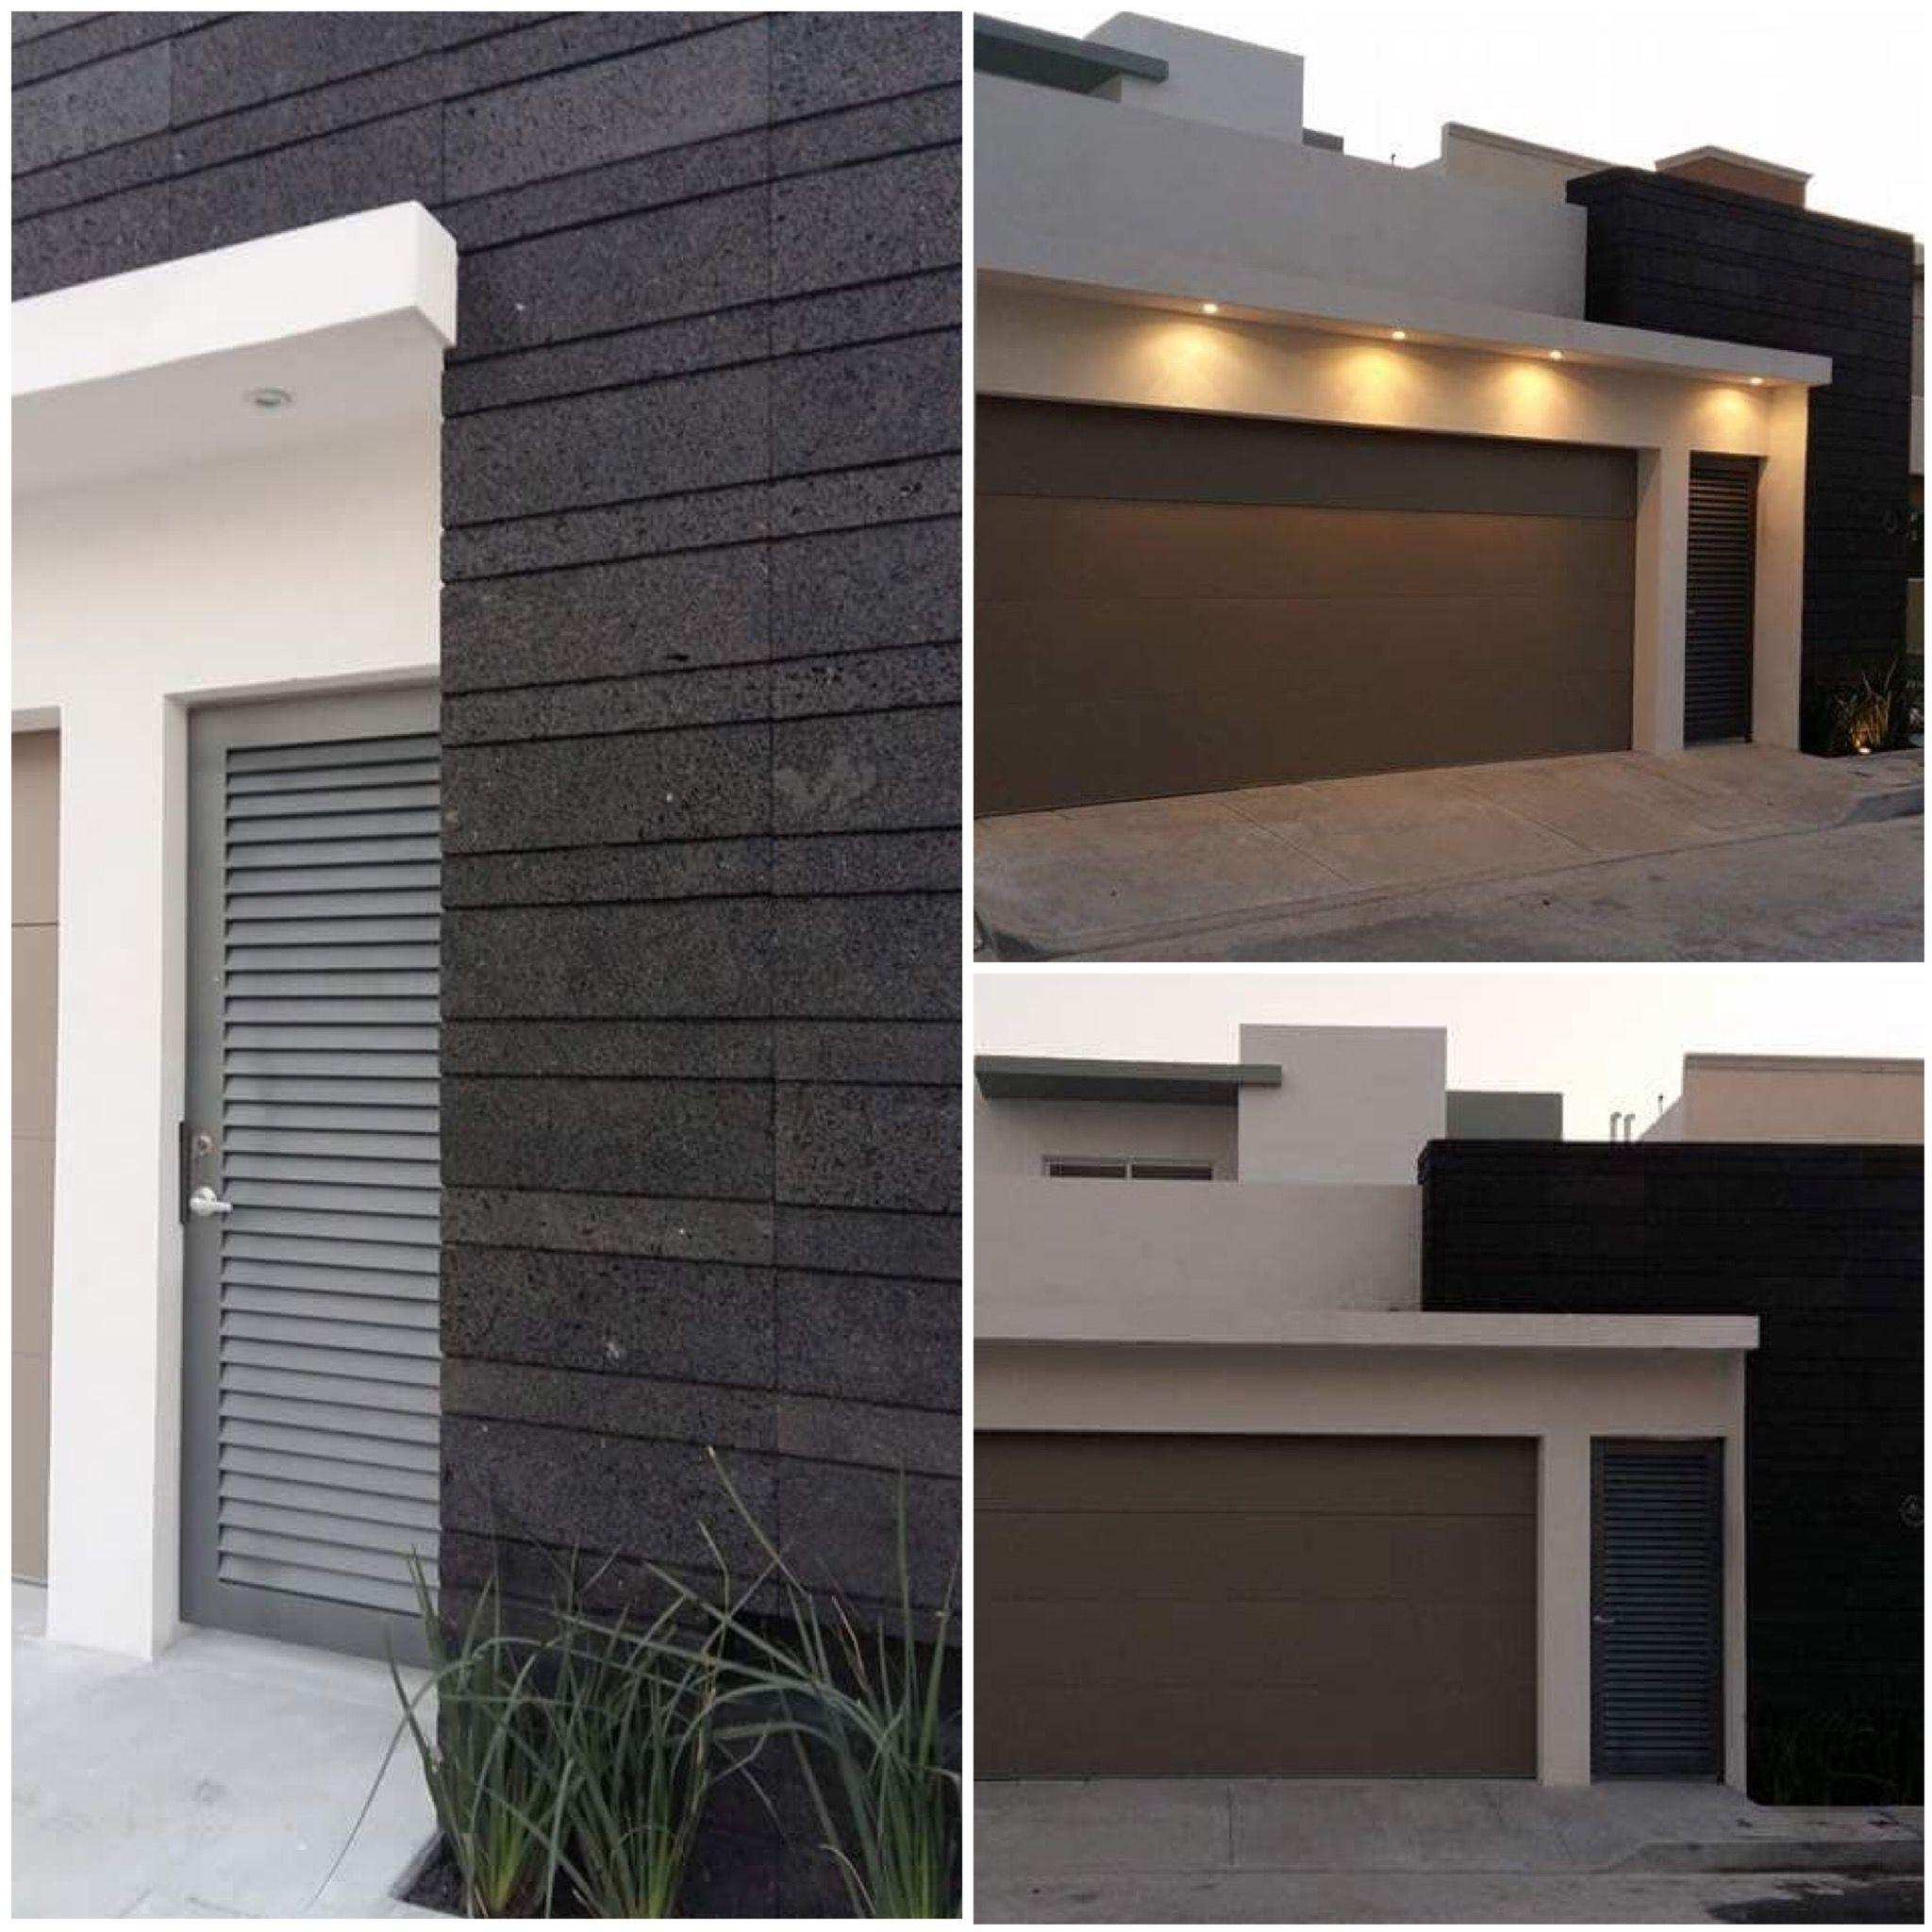 Fachada moderna con cantera de casa mexicana fachada for Vitropiso para interiores